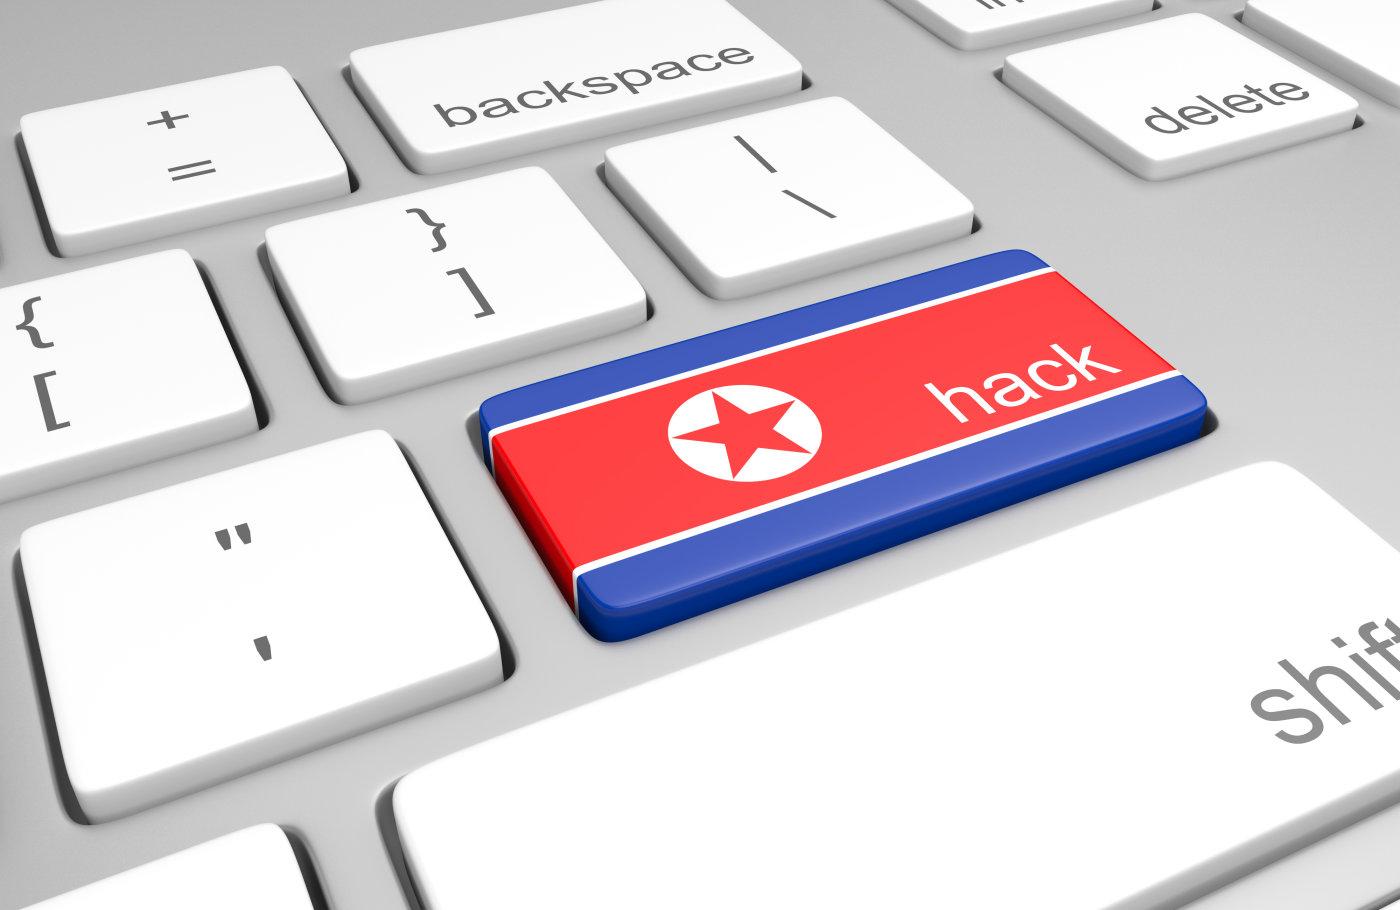 corea-phishing-criptomonedas